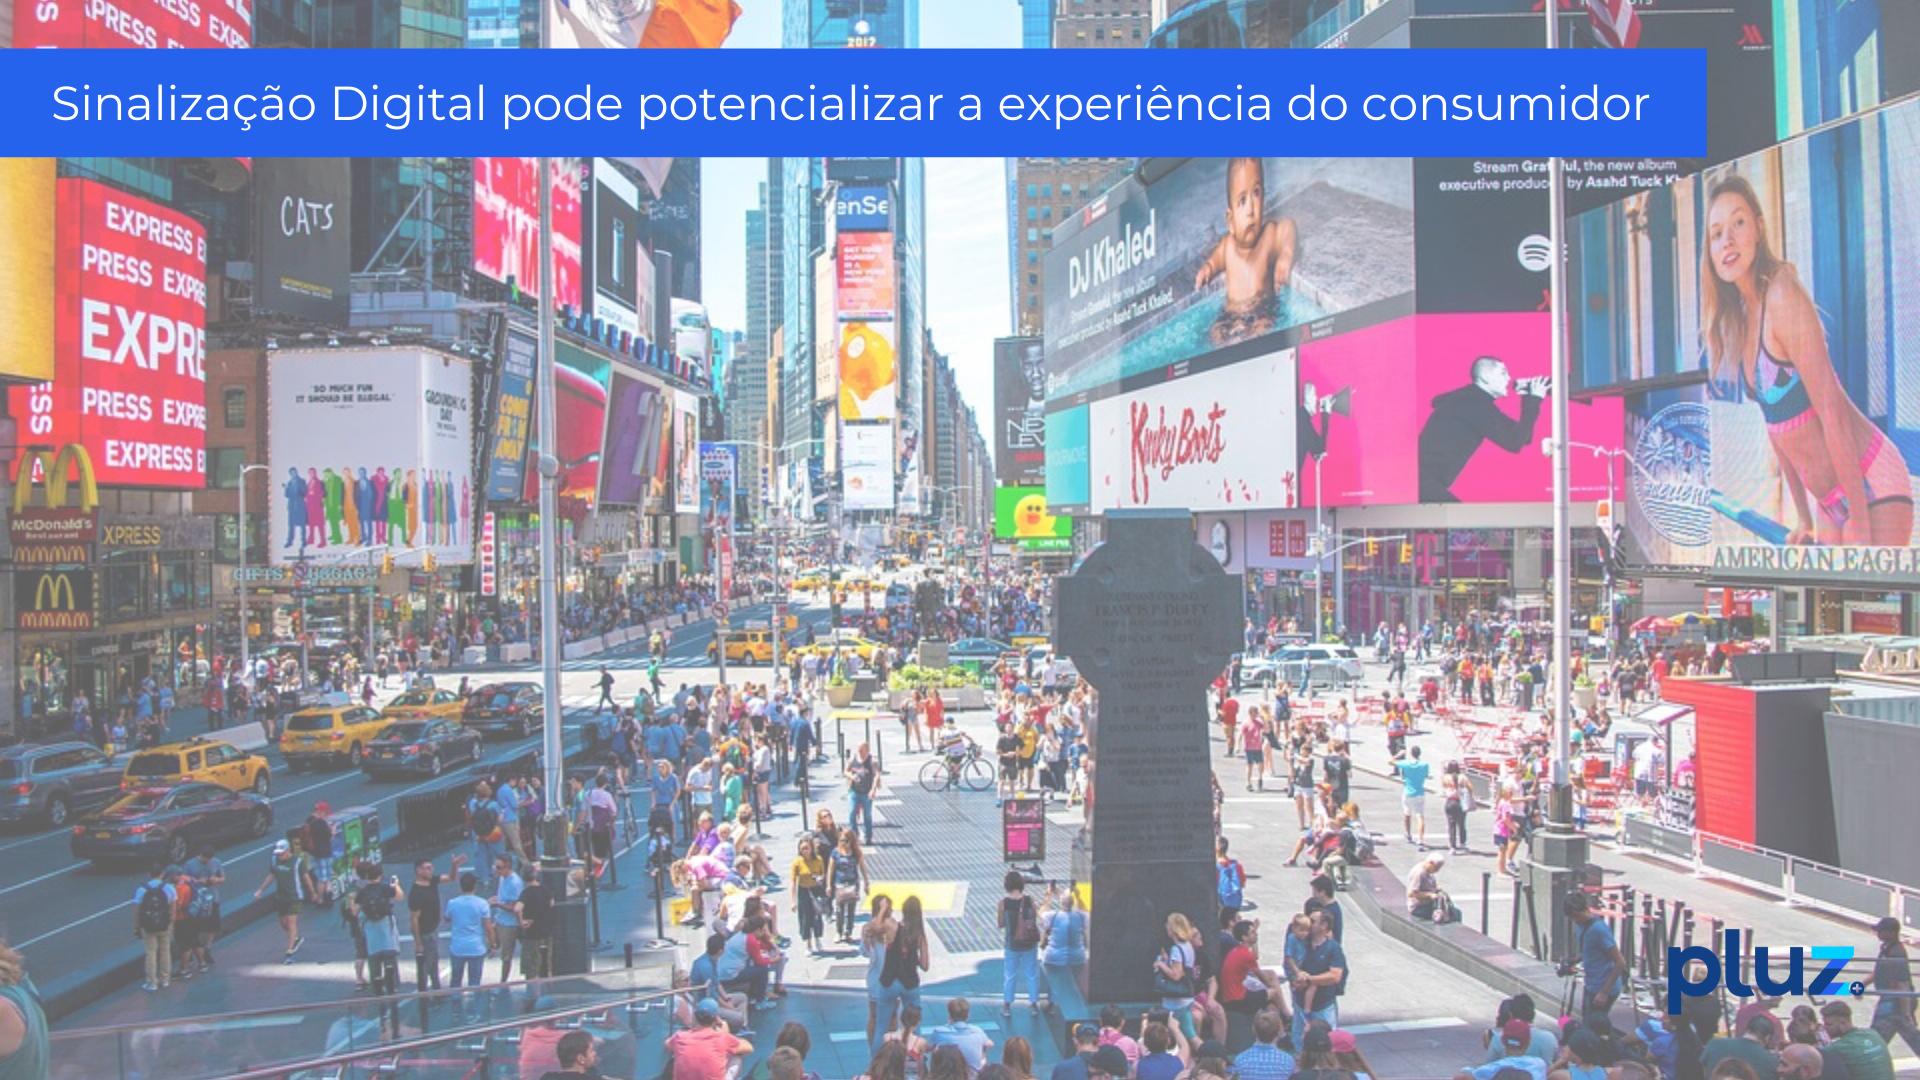 Sinalização Digital pode potencializar a experiência do consumidor